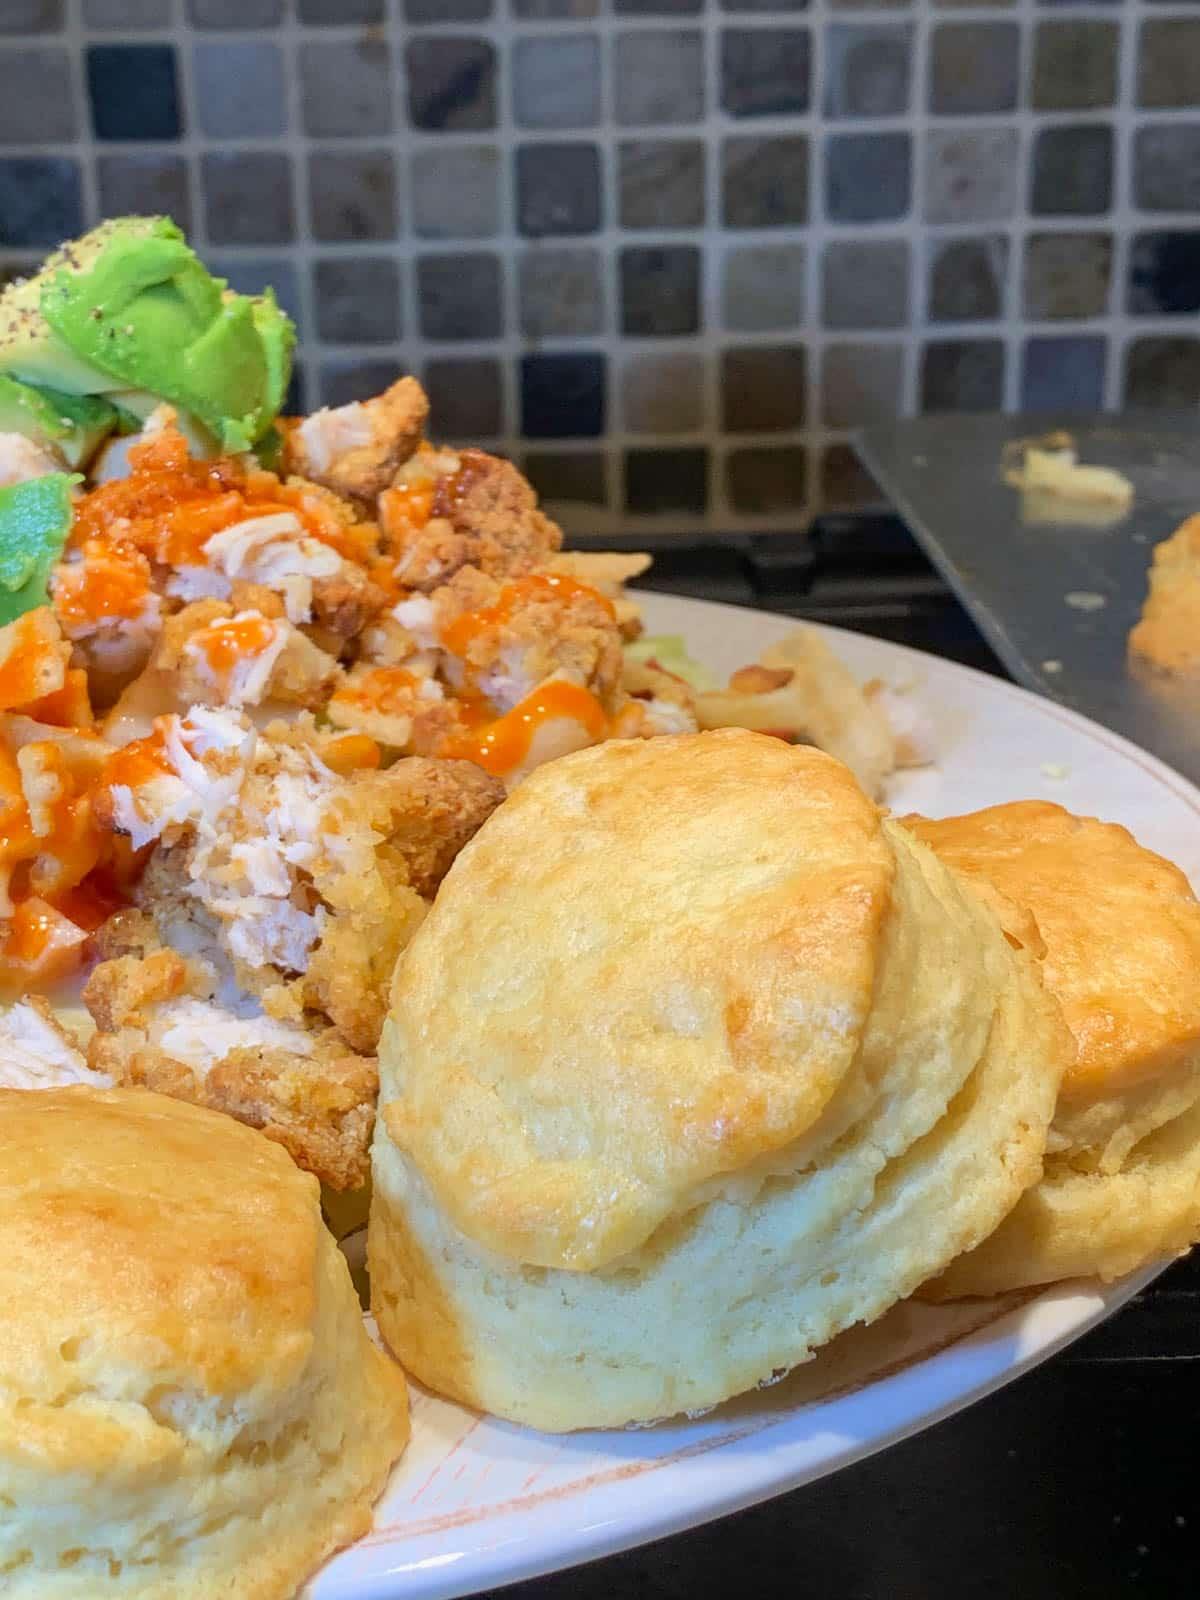 copycat kfc biscuits with salad